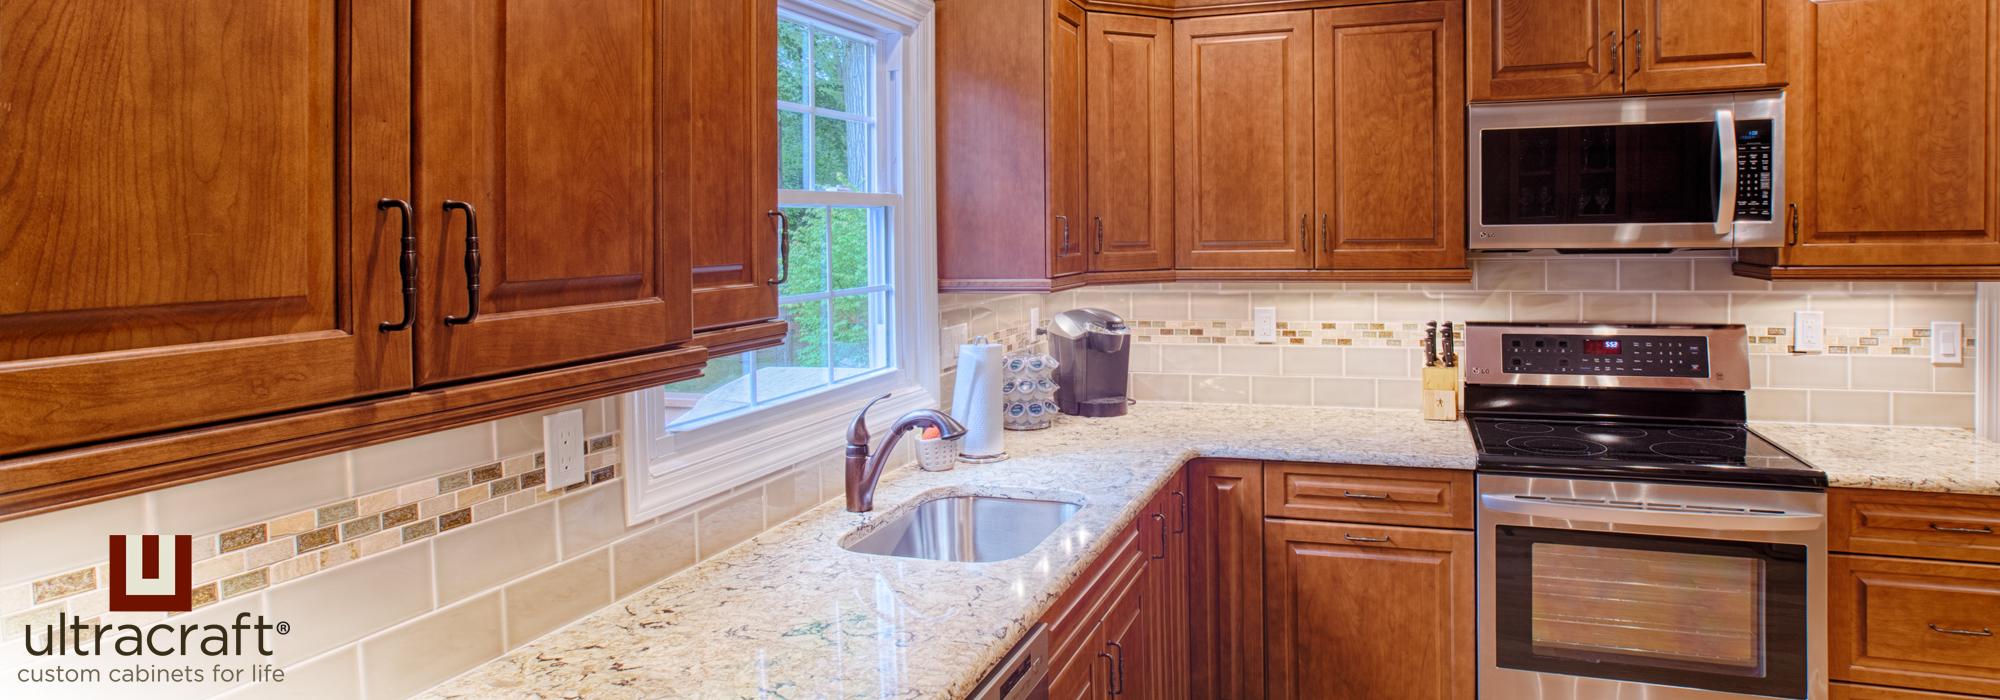 100 Dk Design Kitchens 100 Home Design Kitchens 50 Best Kitchen Backsplash Ideas 100